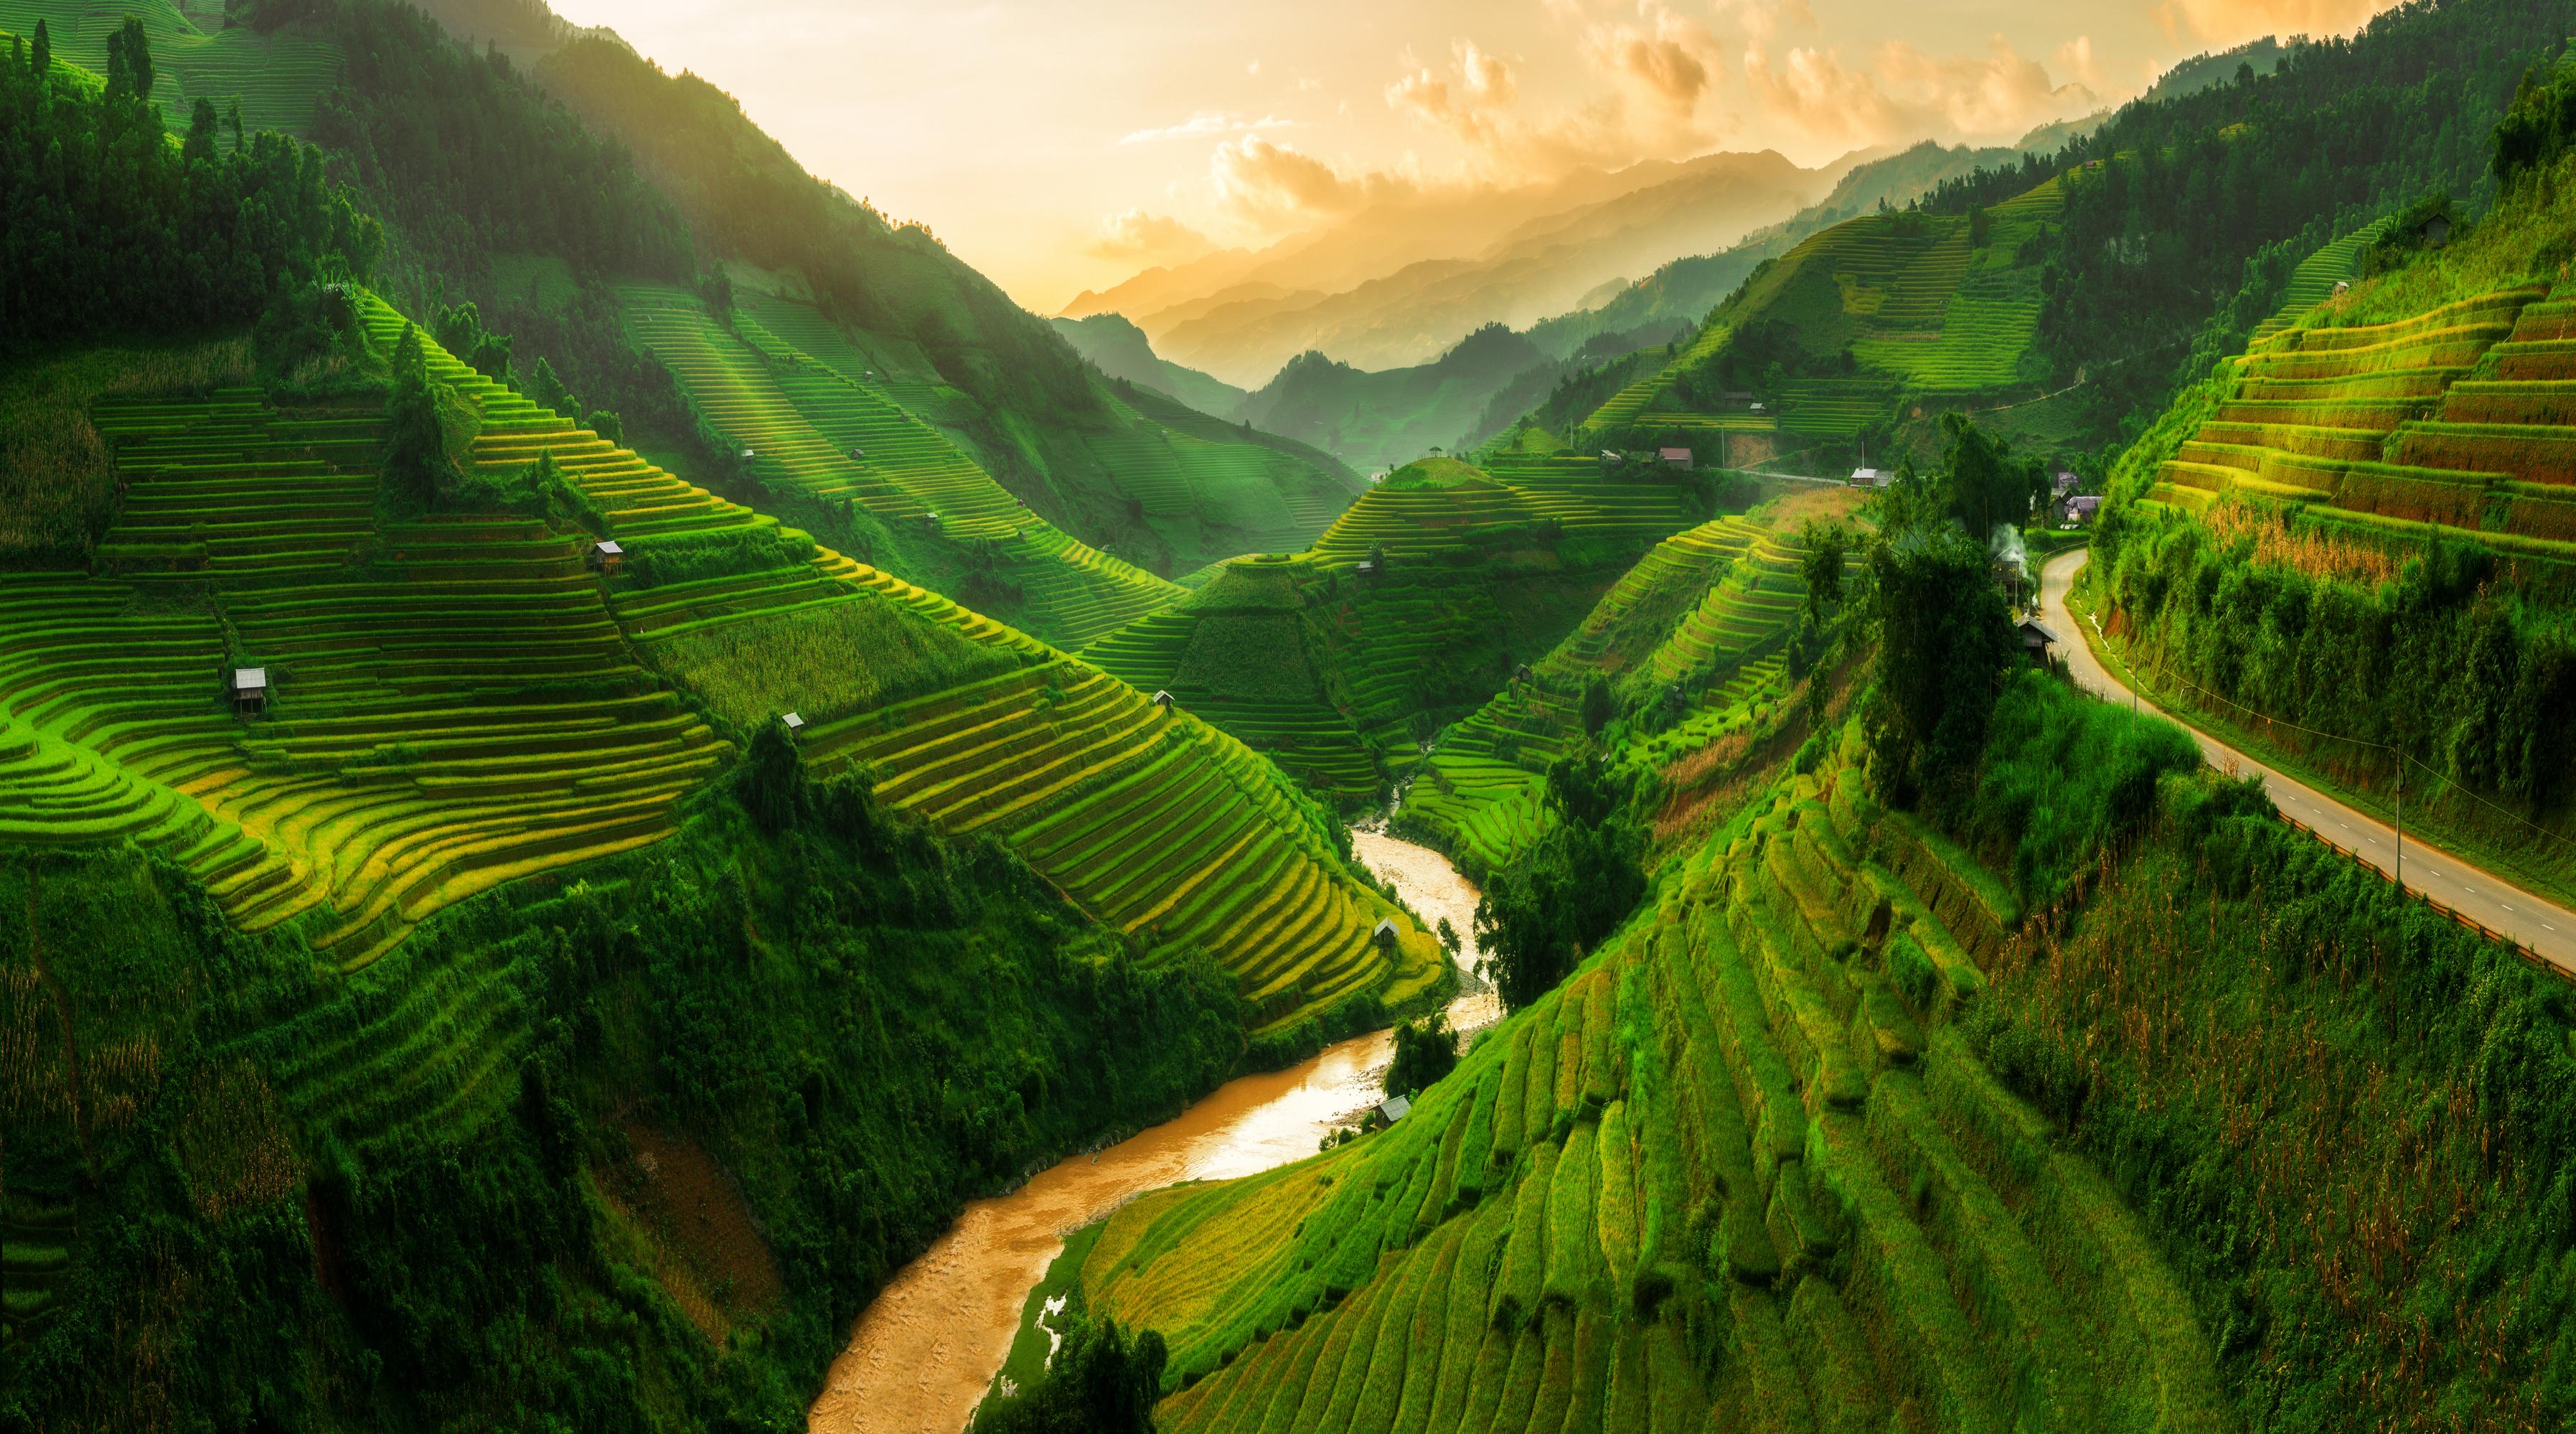 Рисовые поля во Вьетнаме, стране, где могут устроиться на работу иностранцы